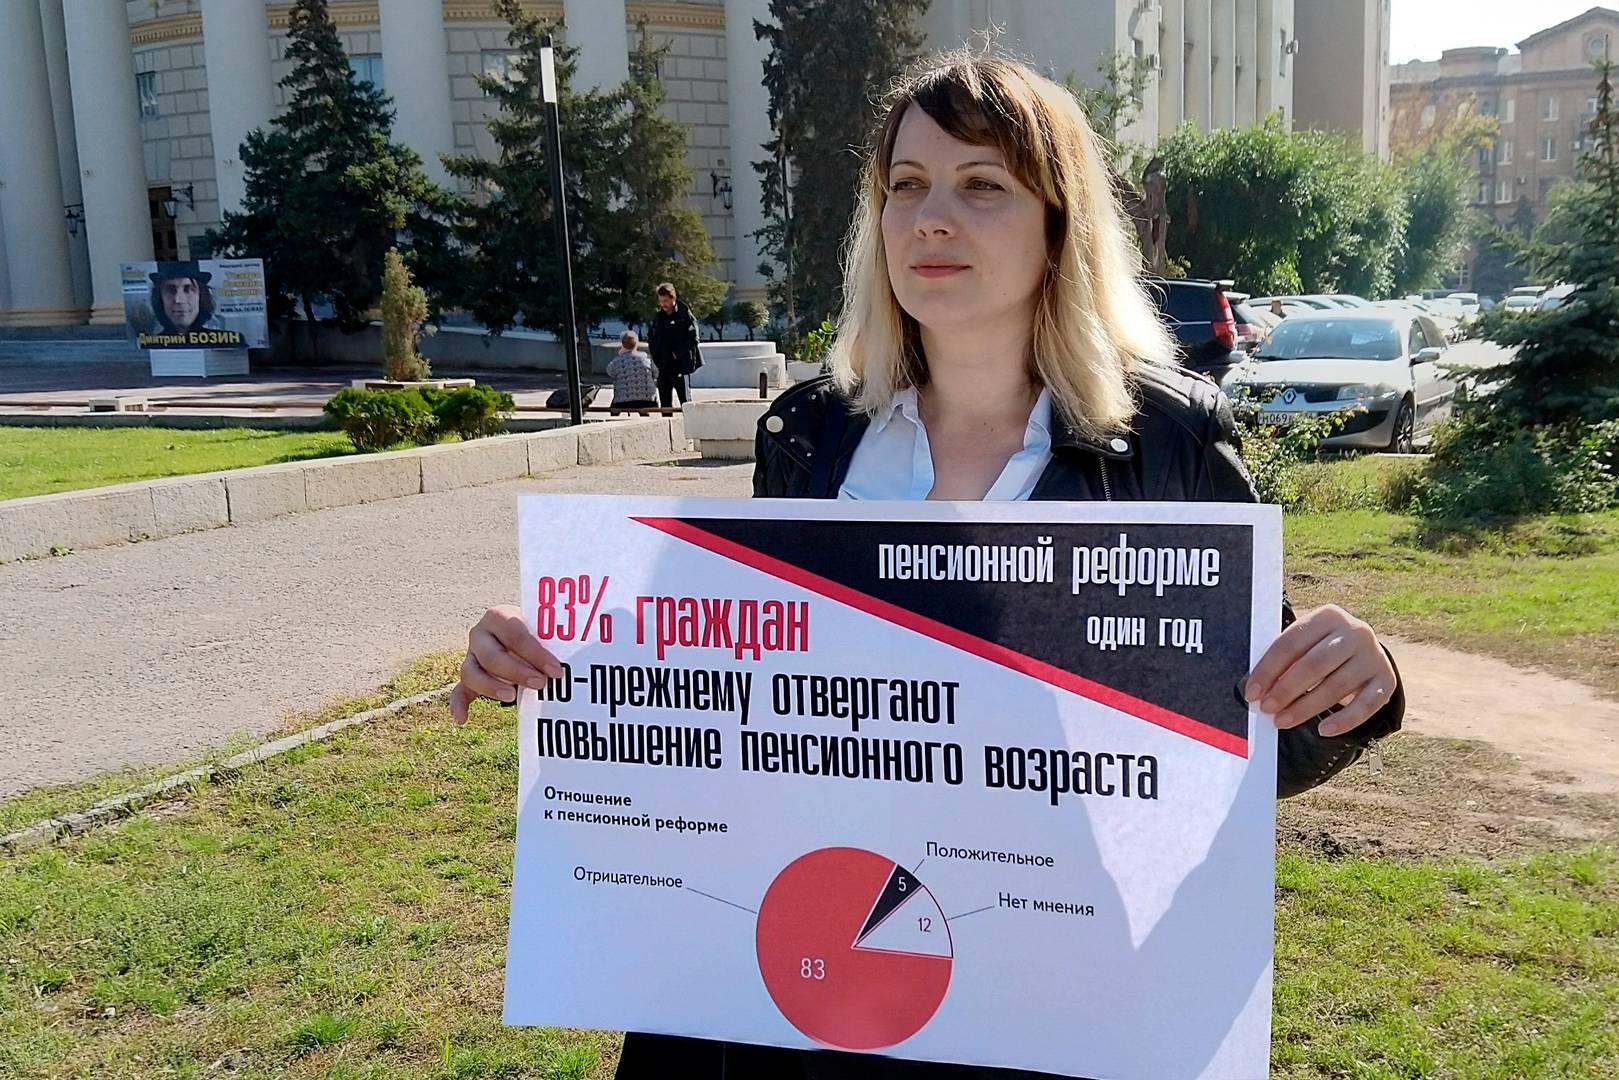 Большинство граждан против пенсионной реформы. Пикет 3 октября. Волгоград.